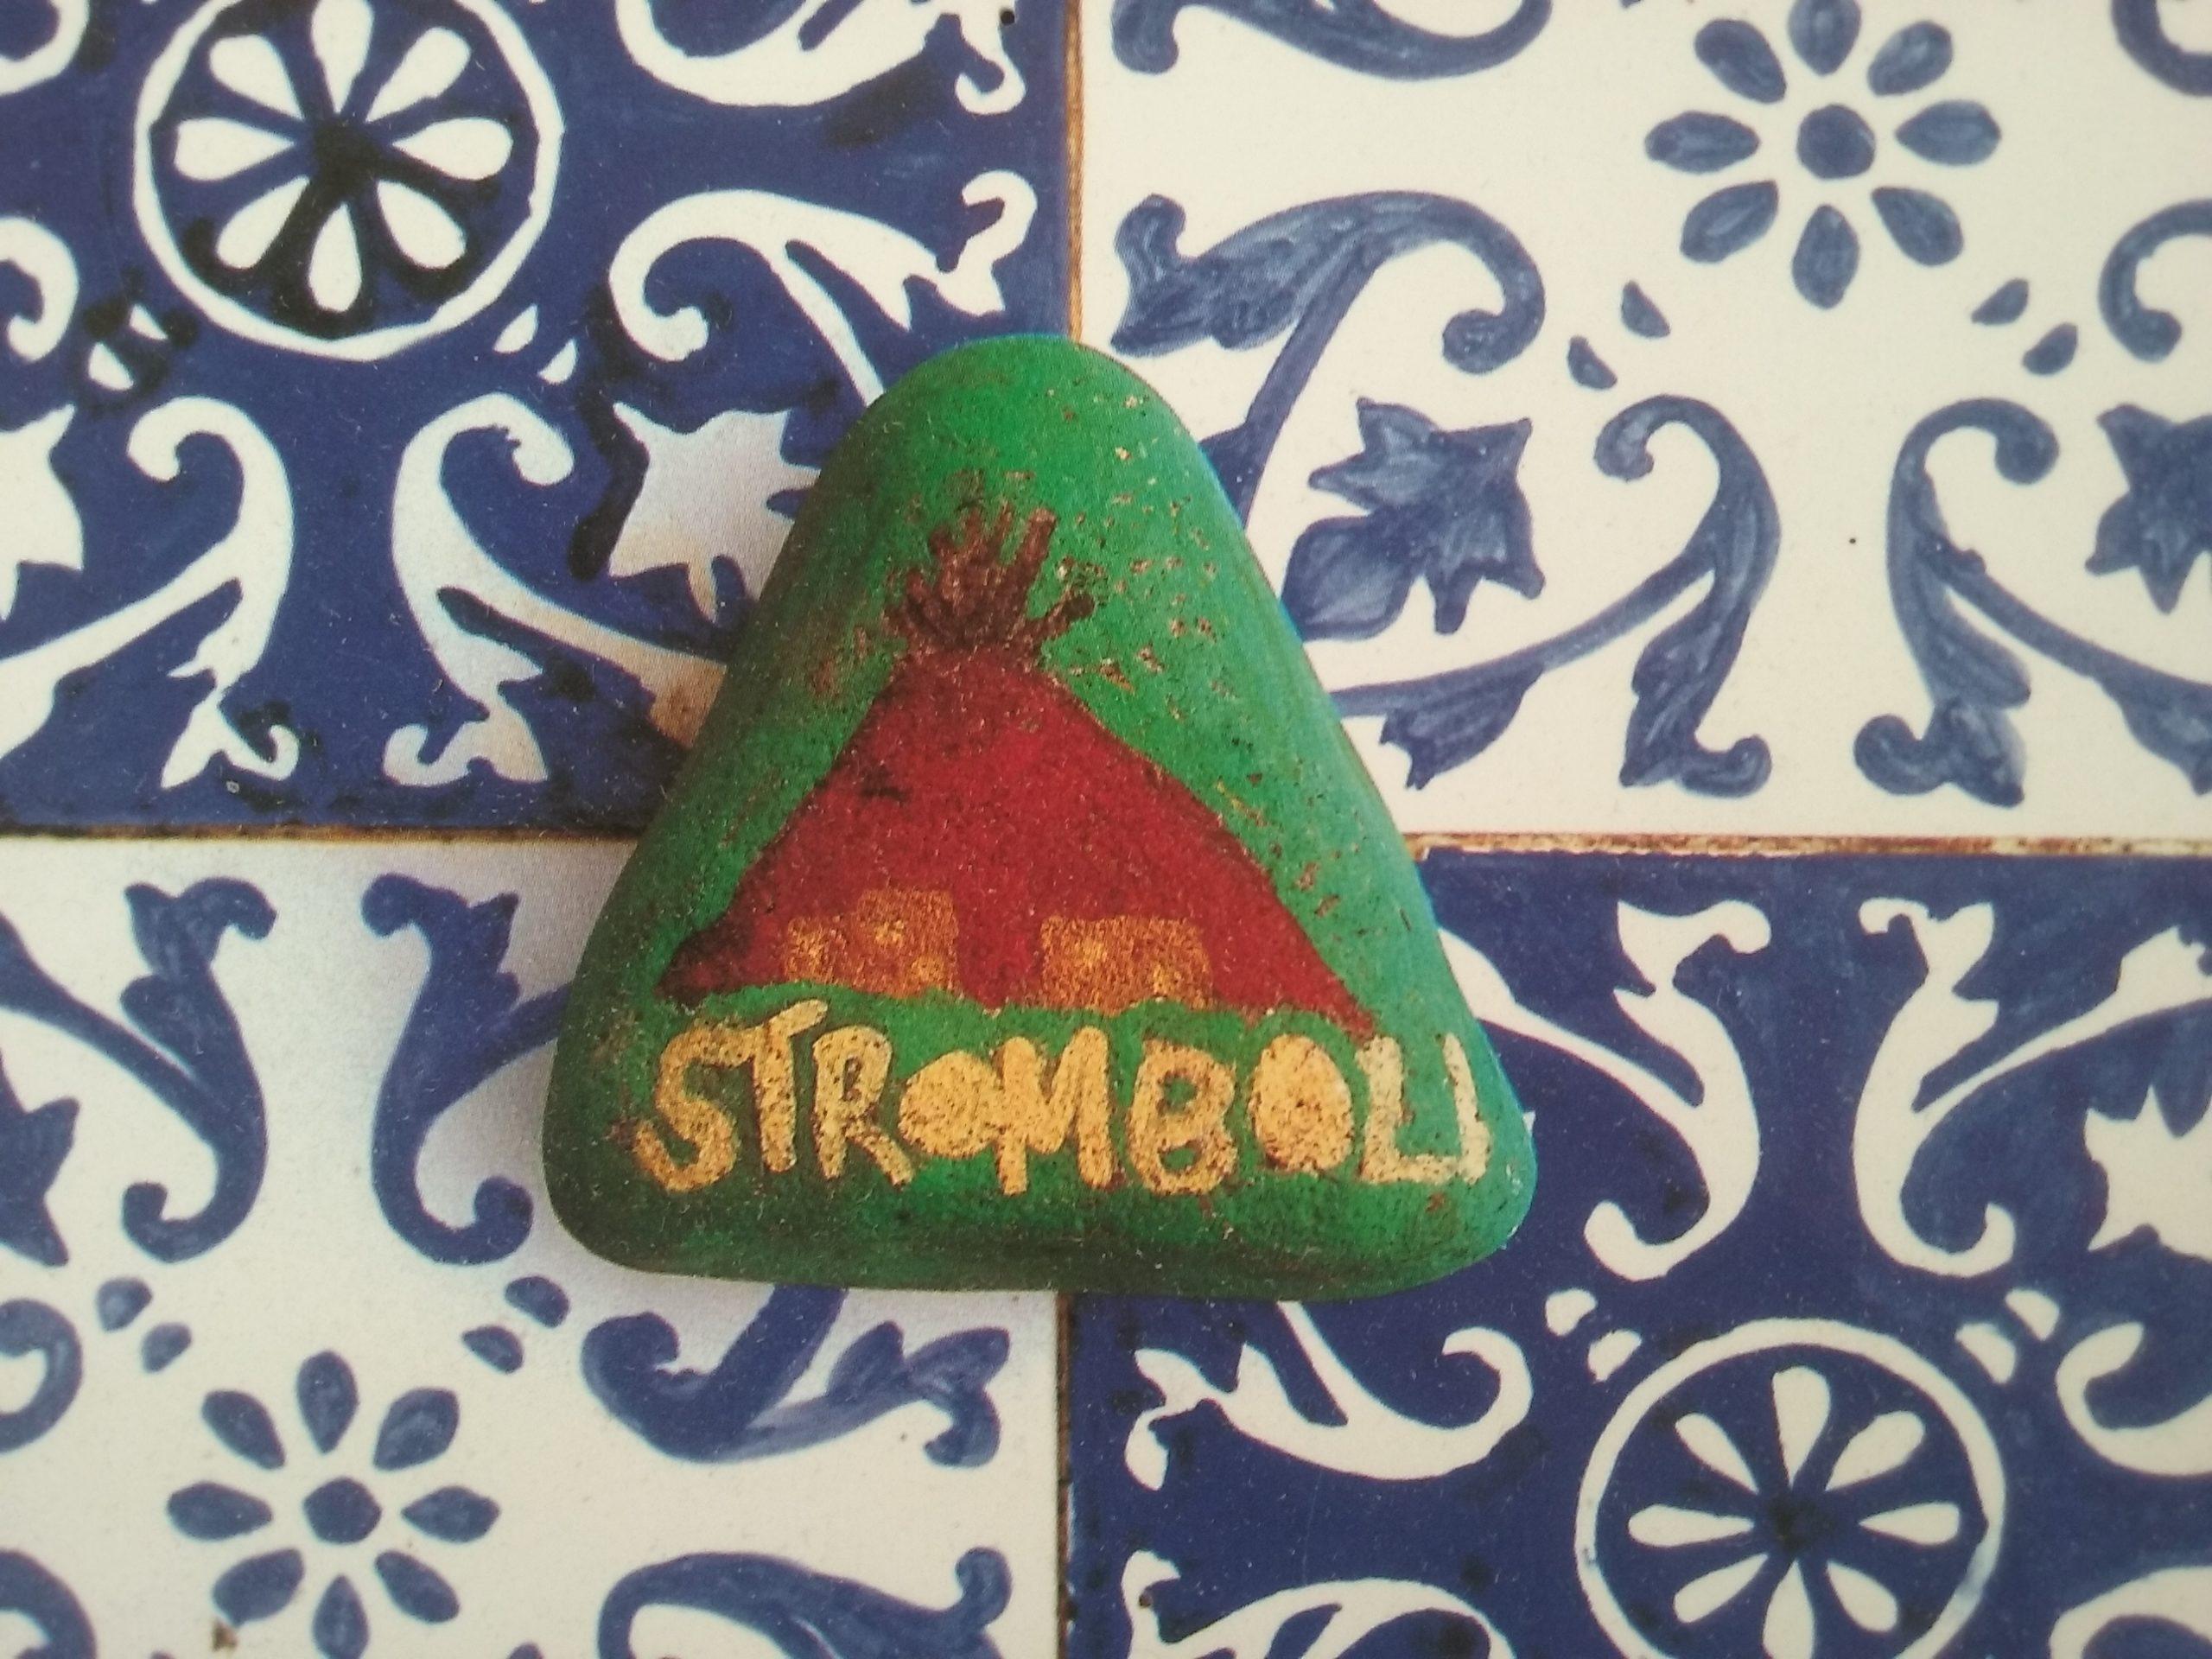 Stromboli: cuori di fuoco